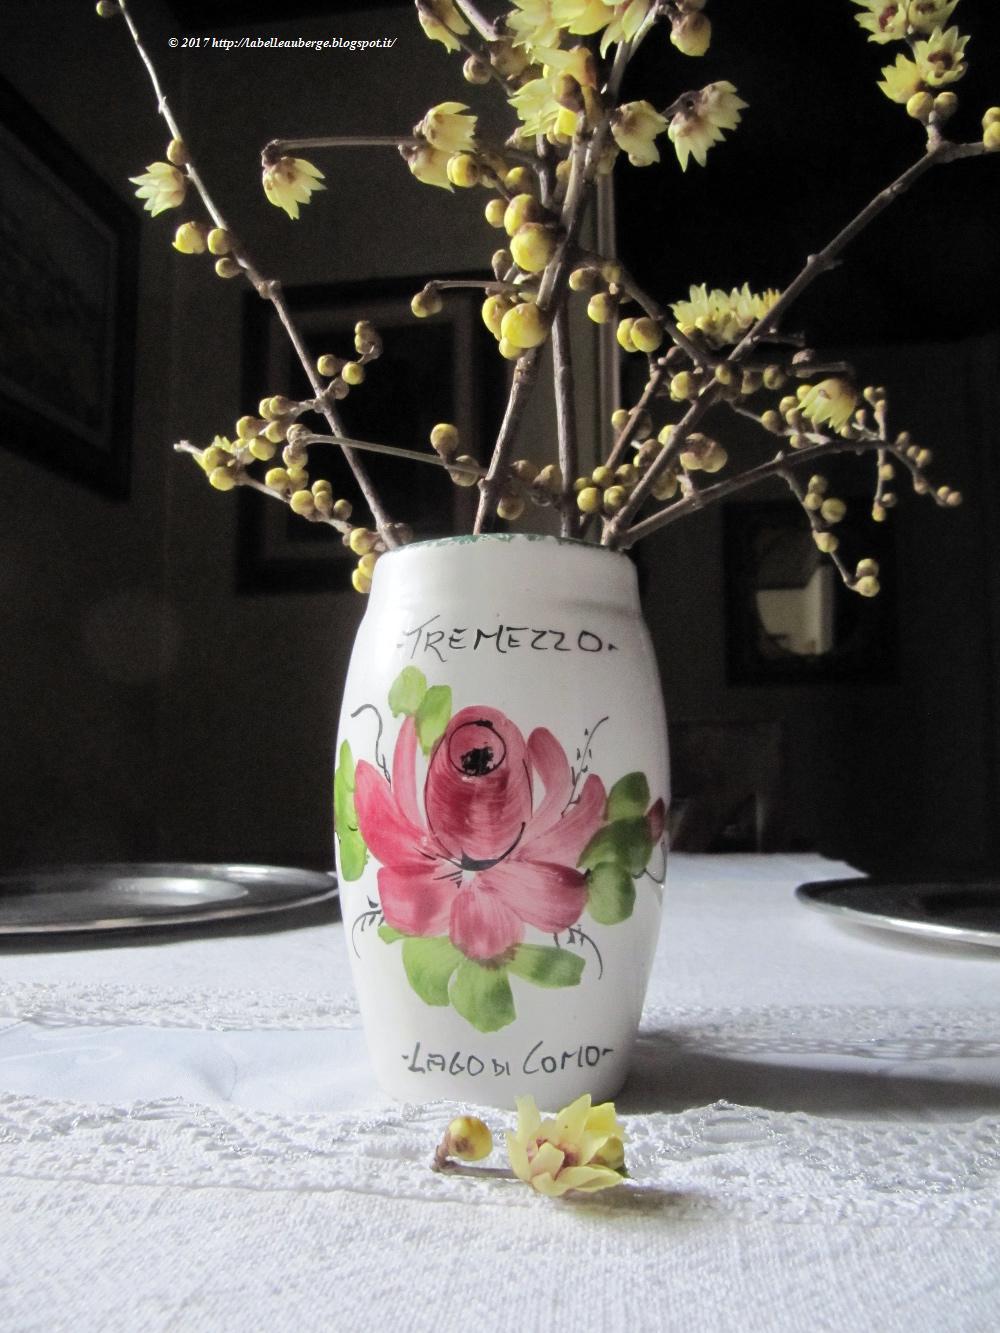 Calicanto Fiore D Inverno la belle auberge: calicanto: il fiore dell'inverno